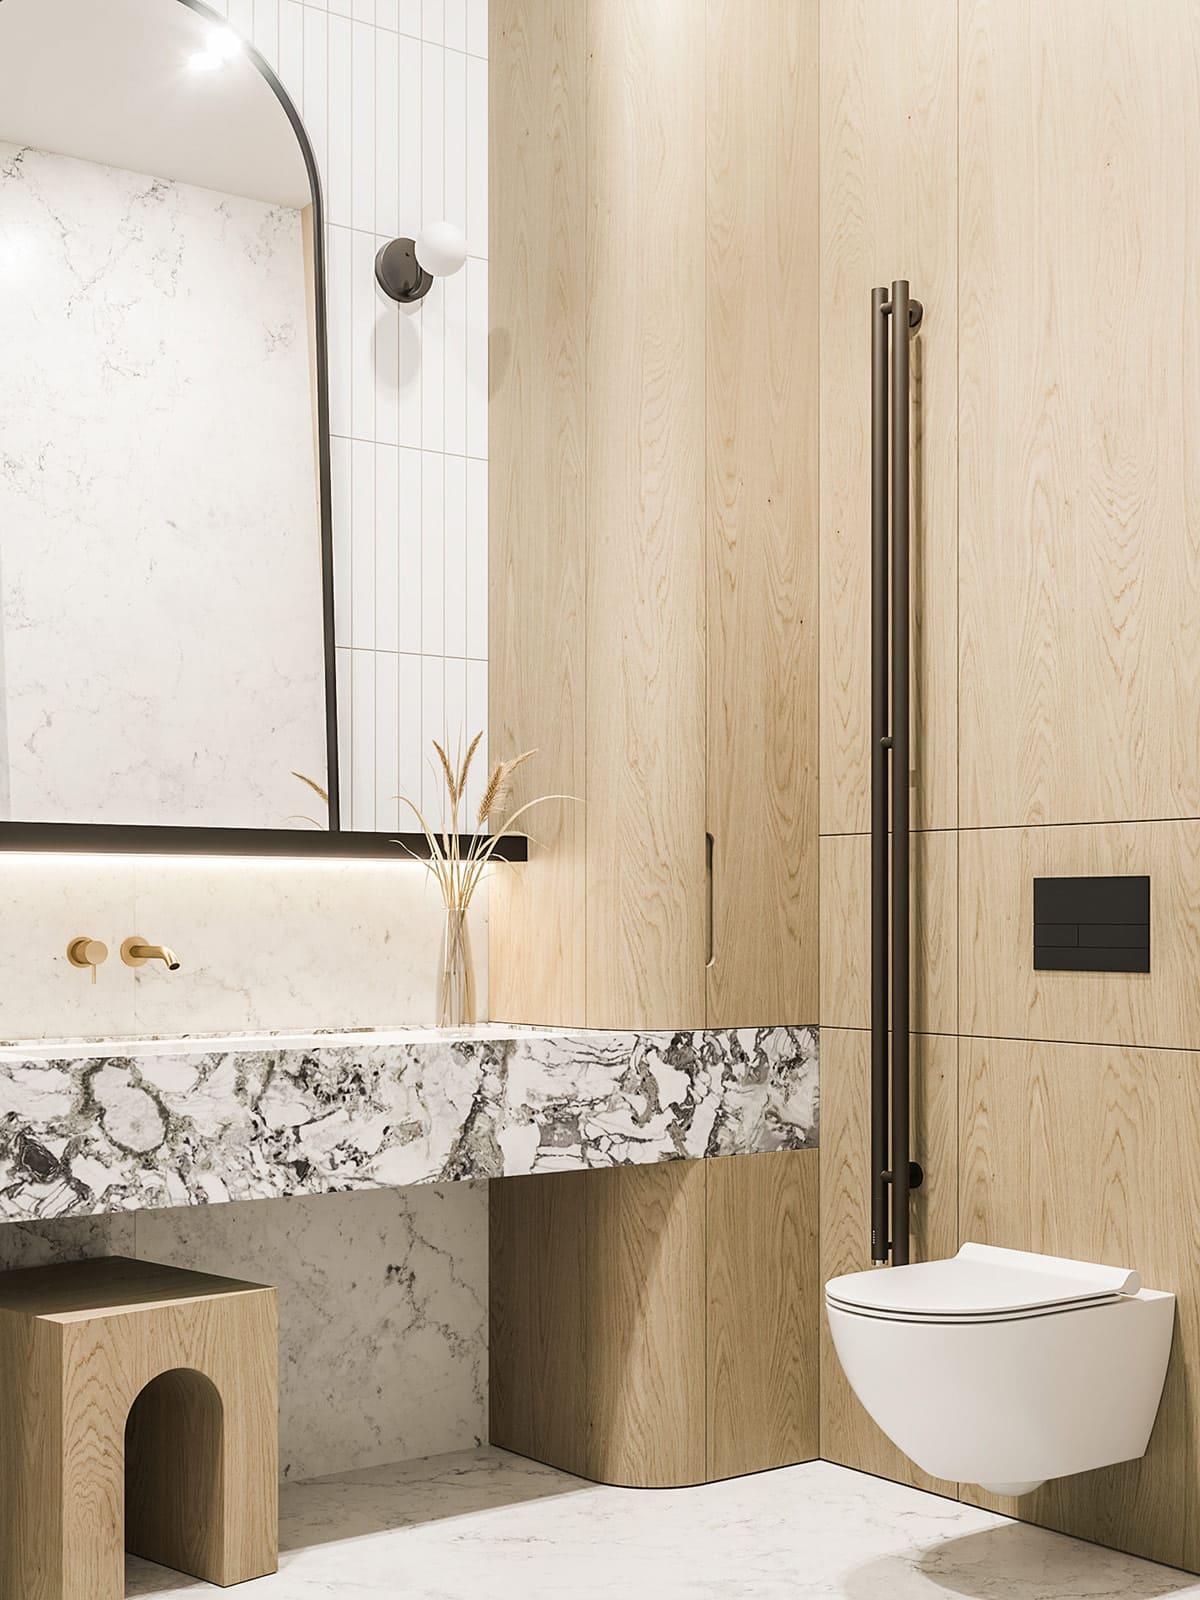 дизайн интерьера ванной комнаты фото 52